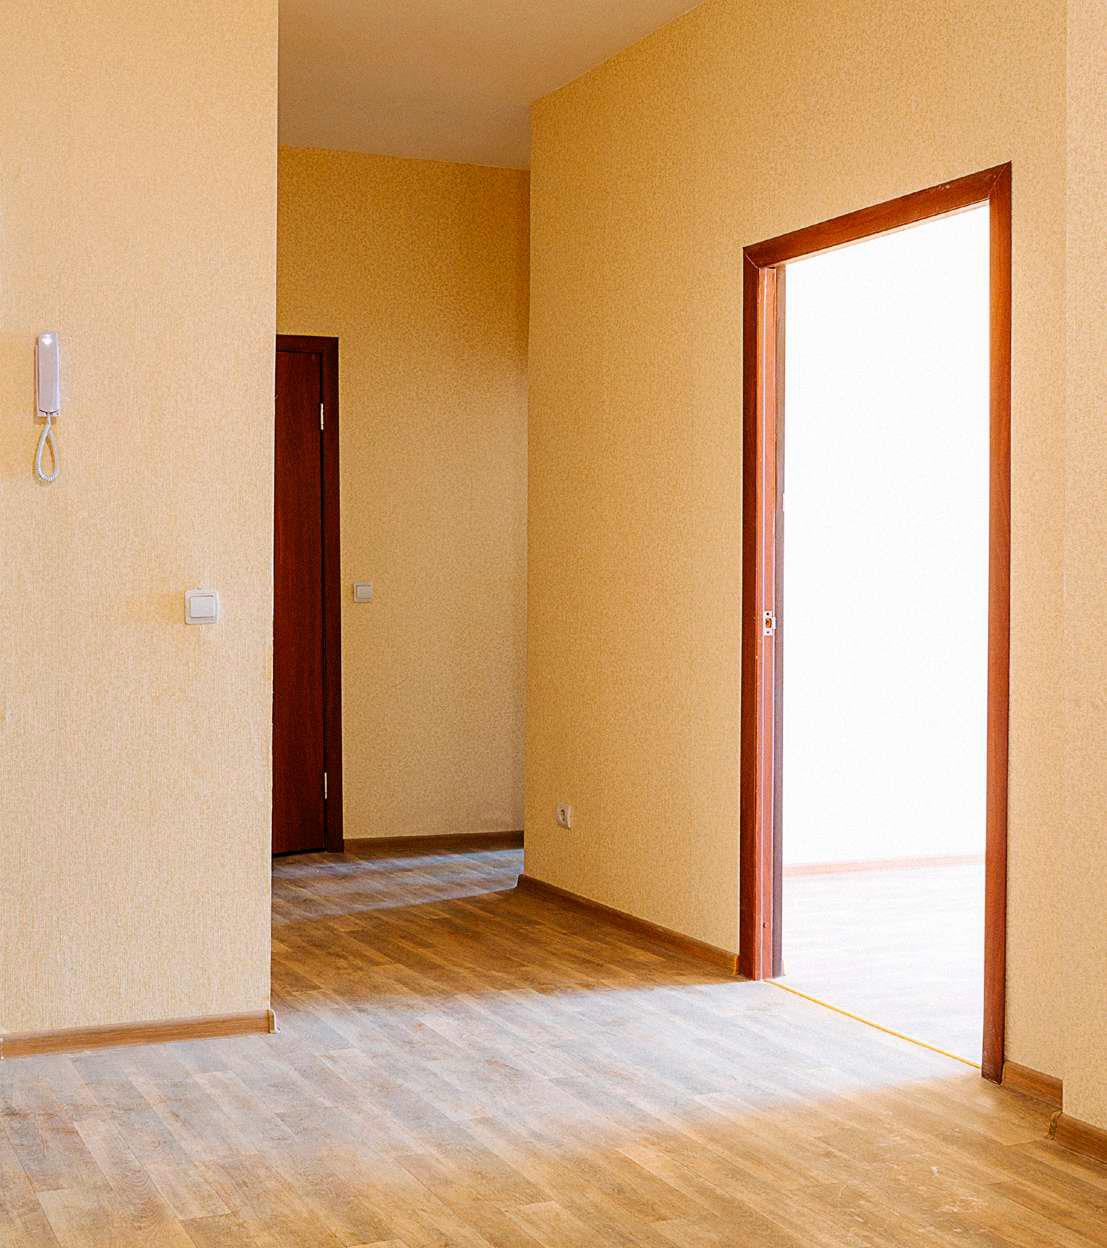 Просторные коридоры сосветлой отделкой формируют уютное пространство вквартире. Отделка выполнена подключ, говорится вбуклете